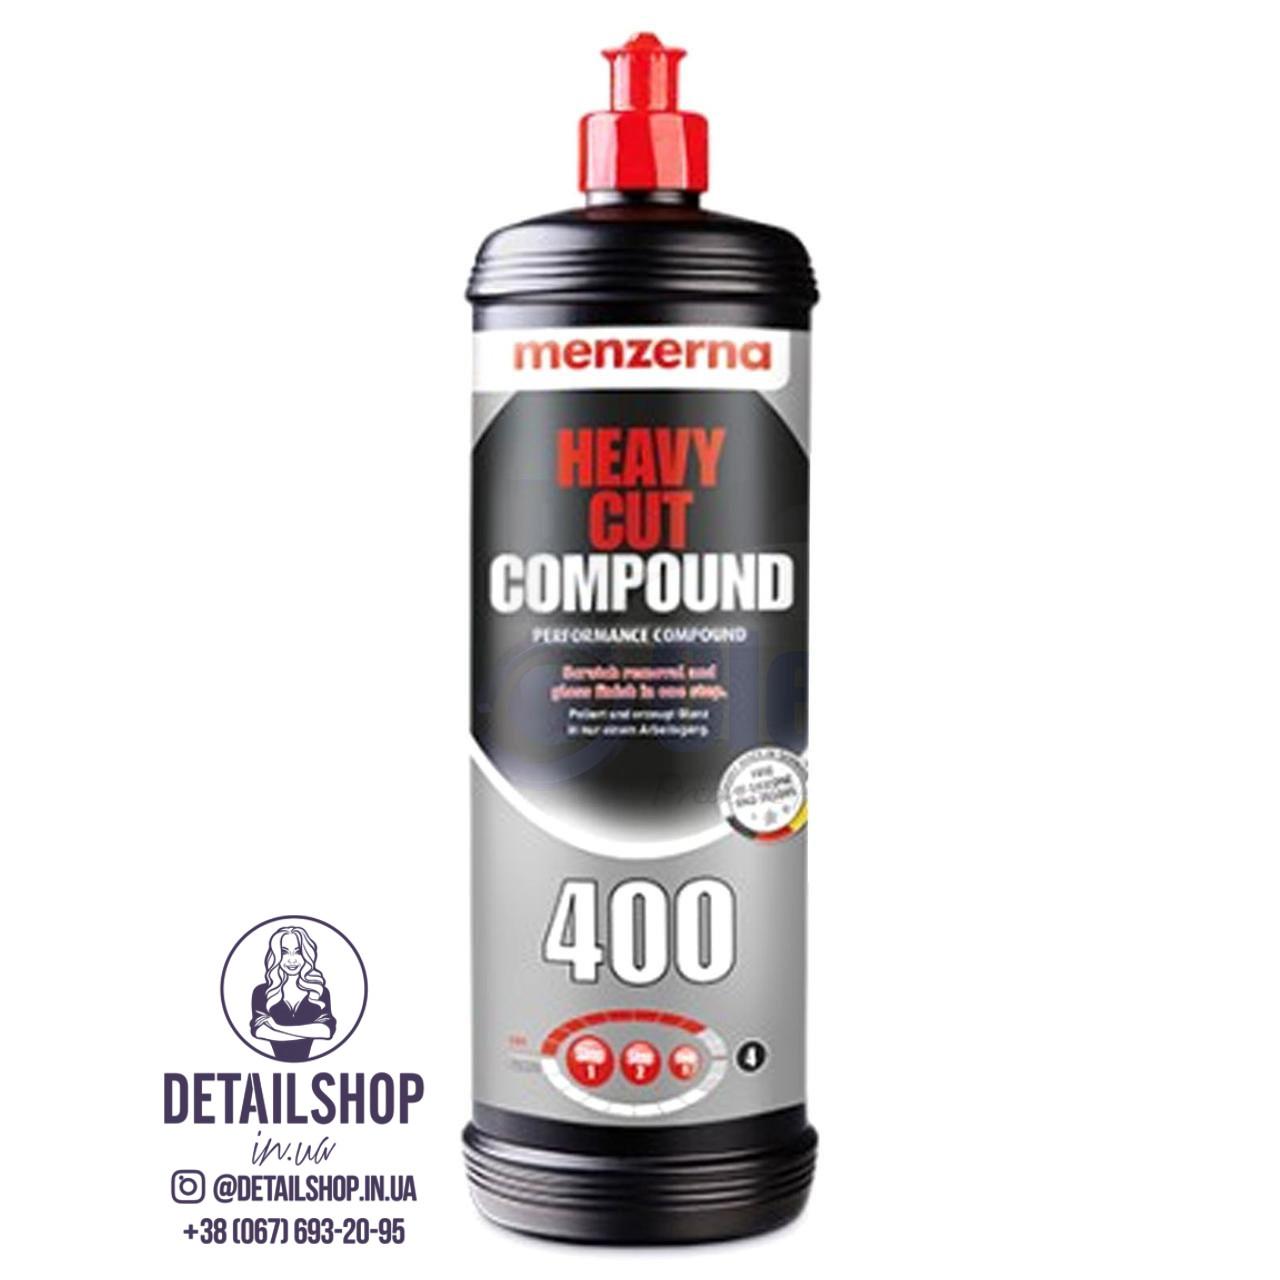 MENZERNA Heavy Cut Compound 400 Многошаговая крупнозернистая полировальная паста , 1кг